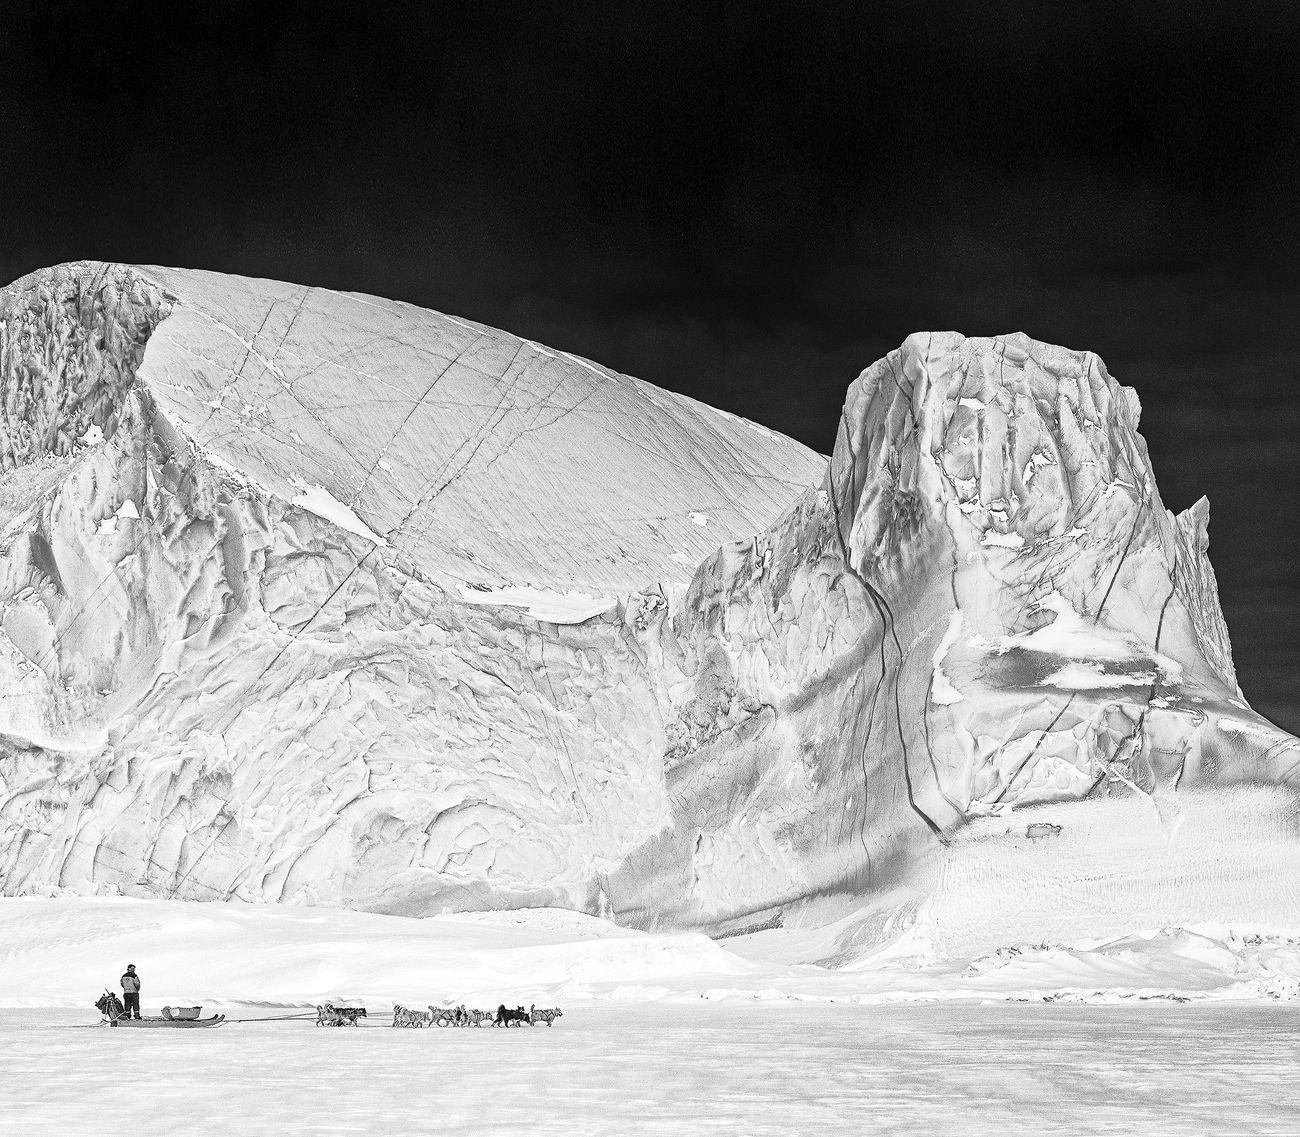 Carsten Egevang © Scoresbysund, Groenlandia, 2012